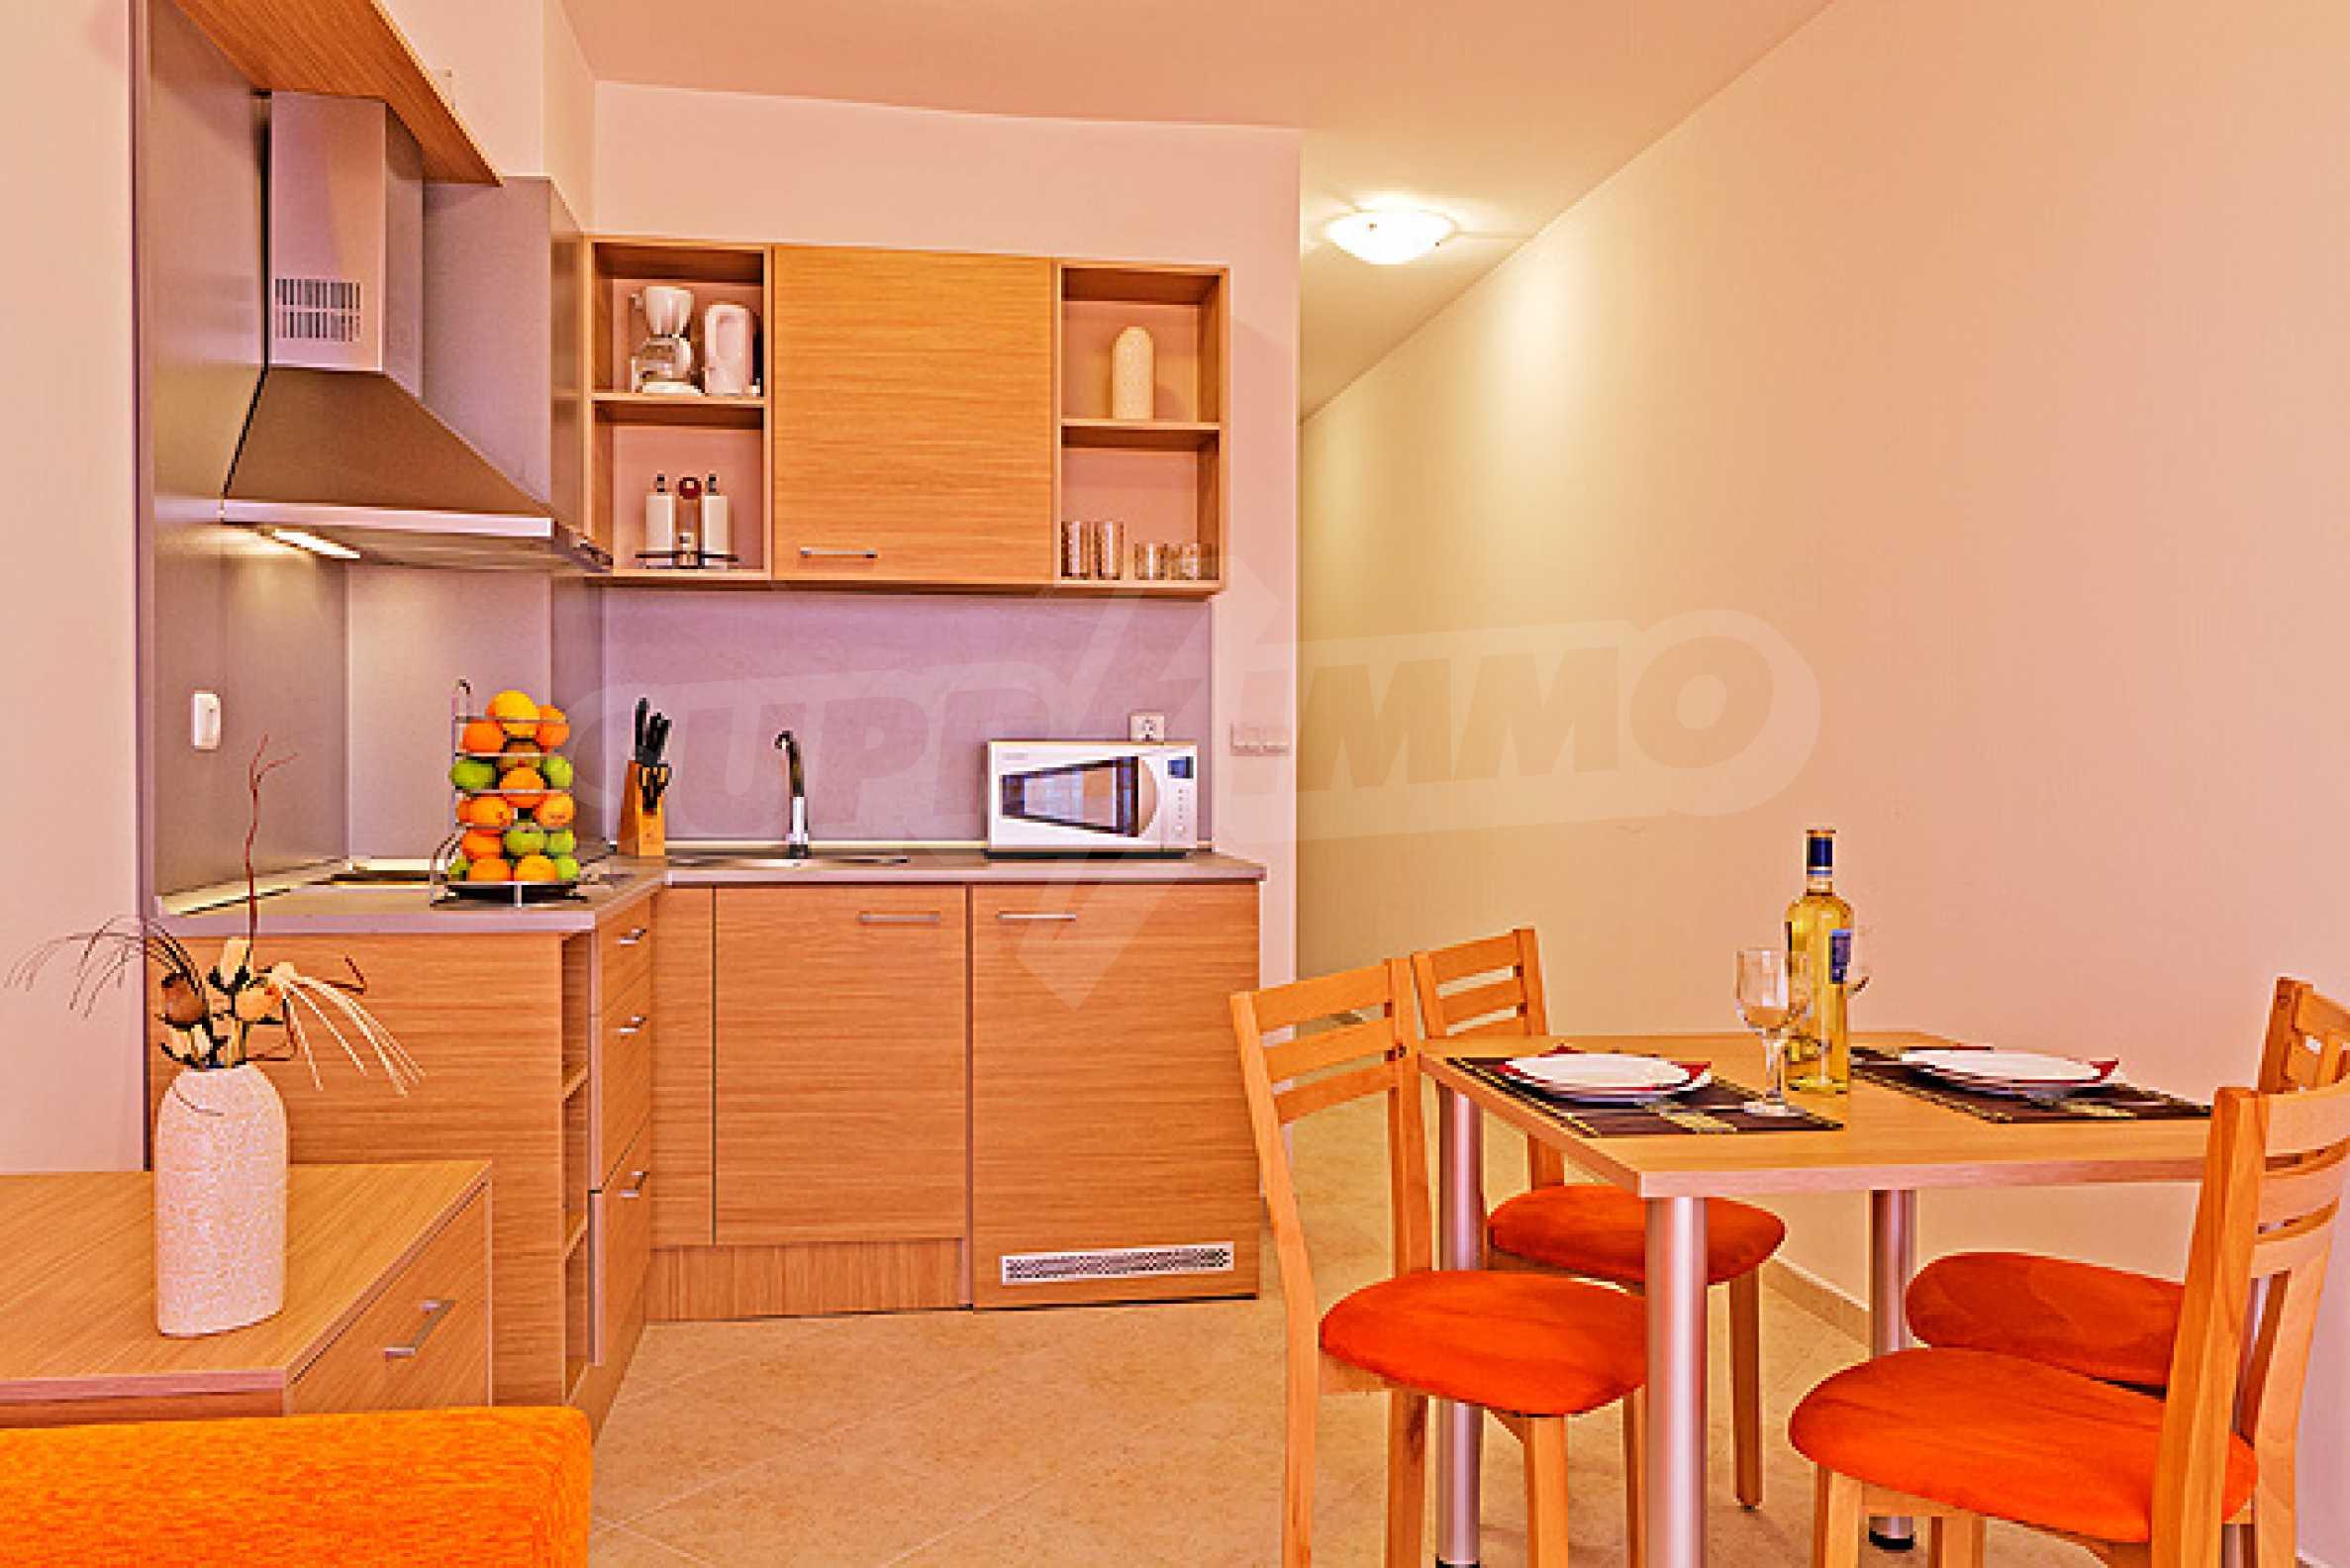 Sunset Kosharitsa - aпартаменти в атрактивен комплекс сред планината и морето, на 5 минути с кола от Слънчев бряг 17